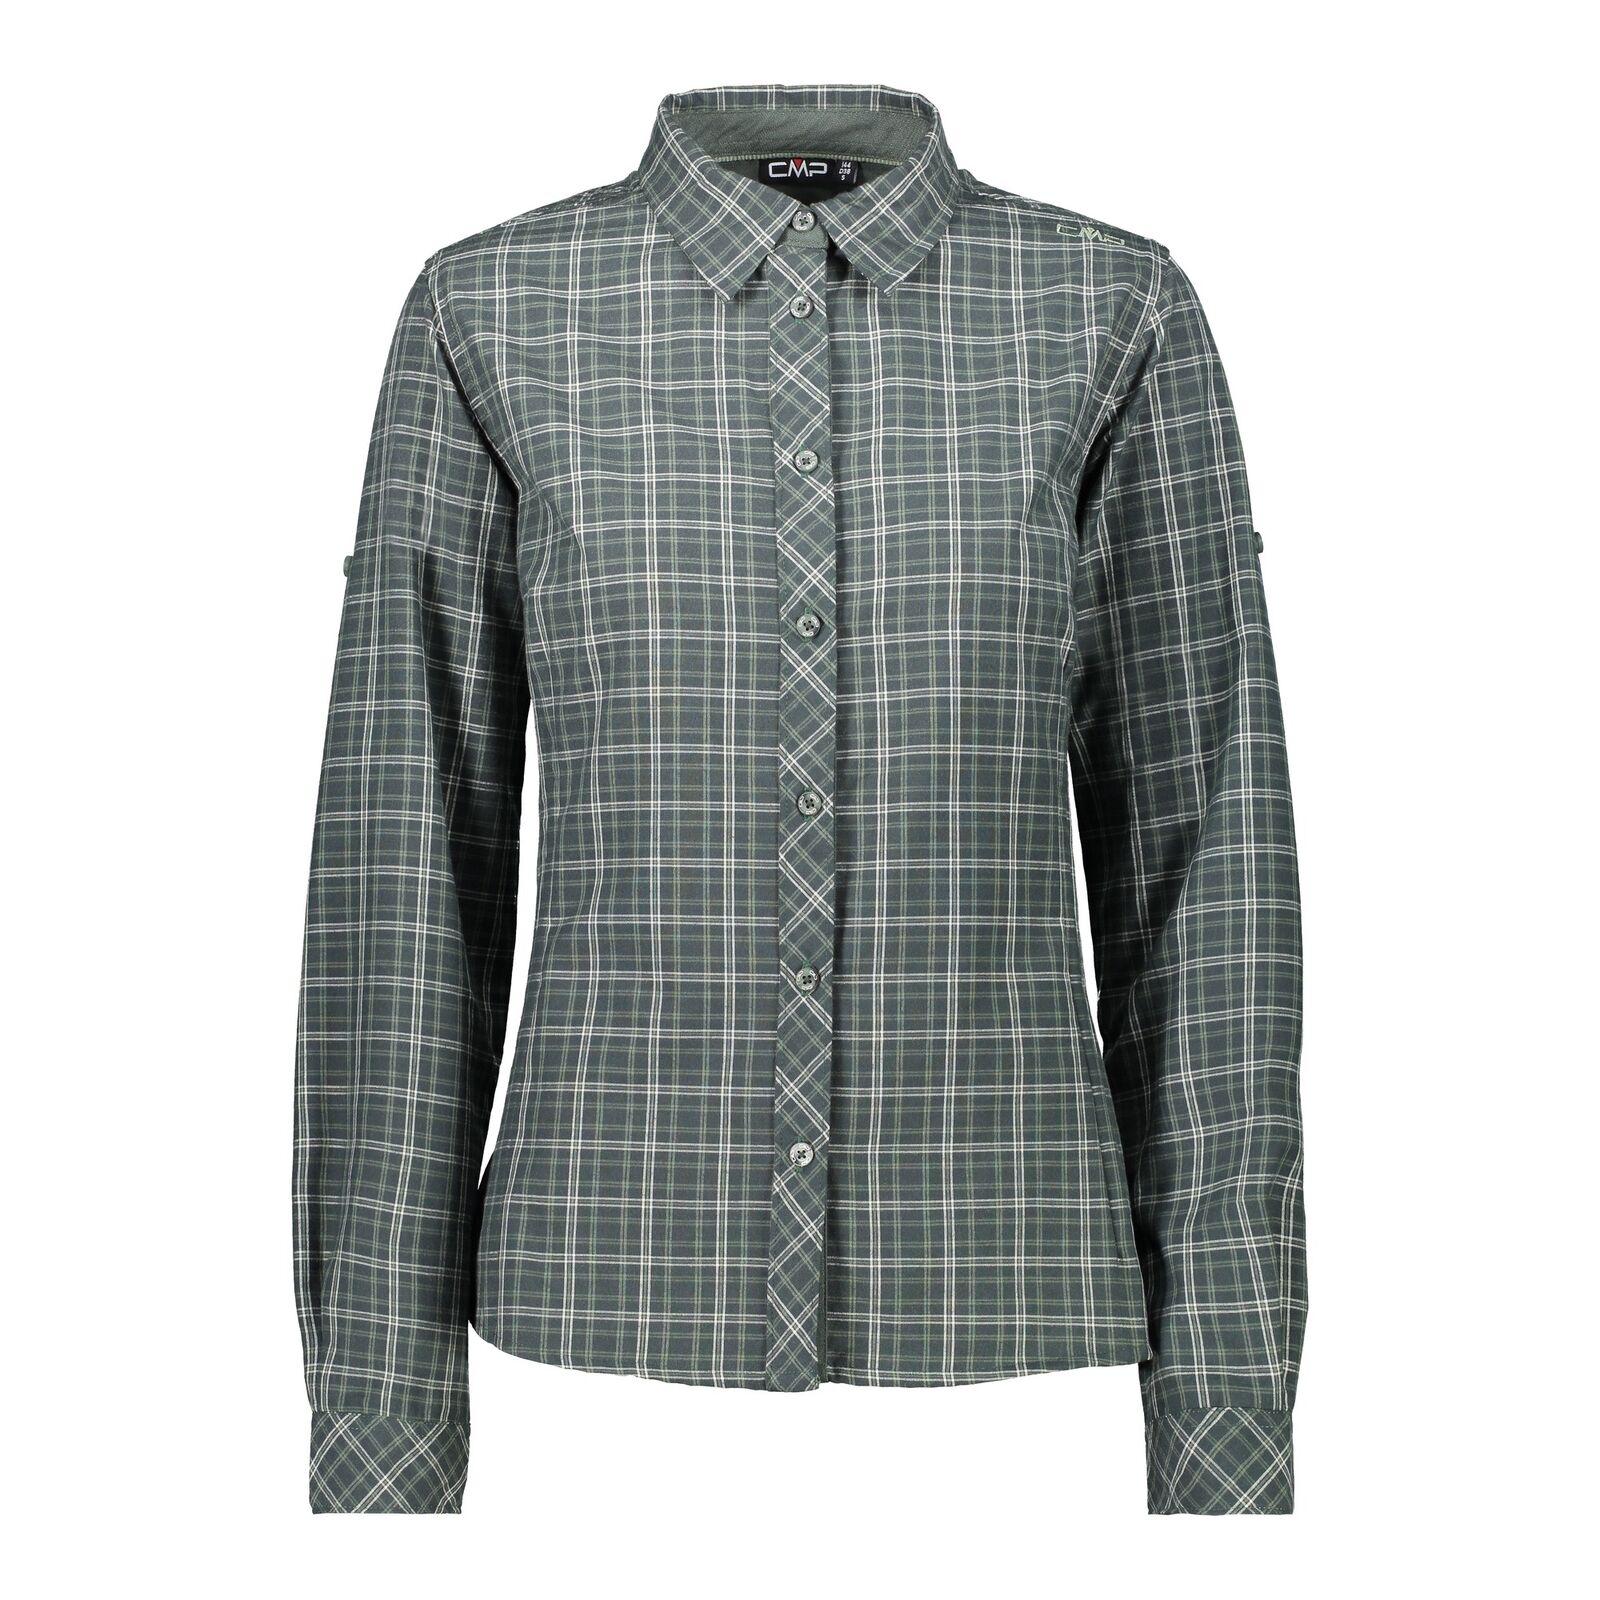 CMP Blouse Outdoor Shirt Woman Shirt Green